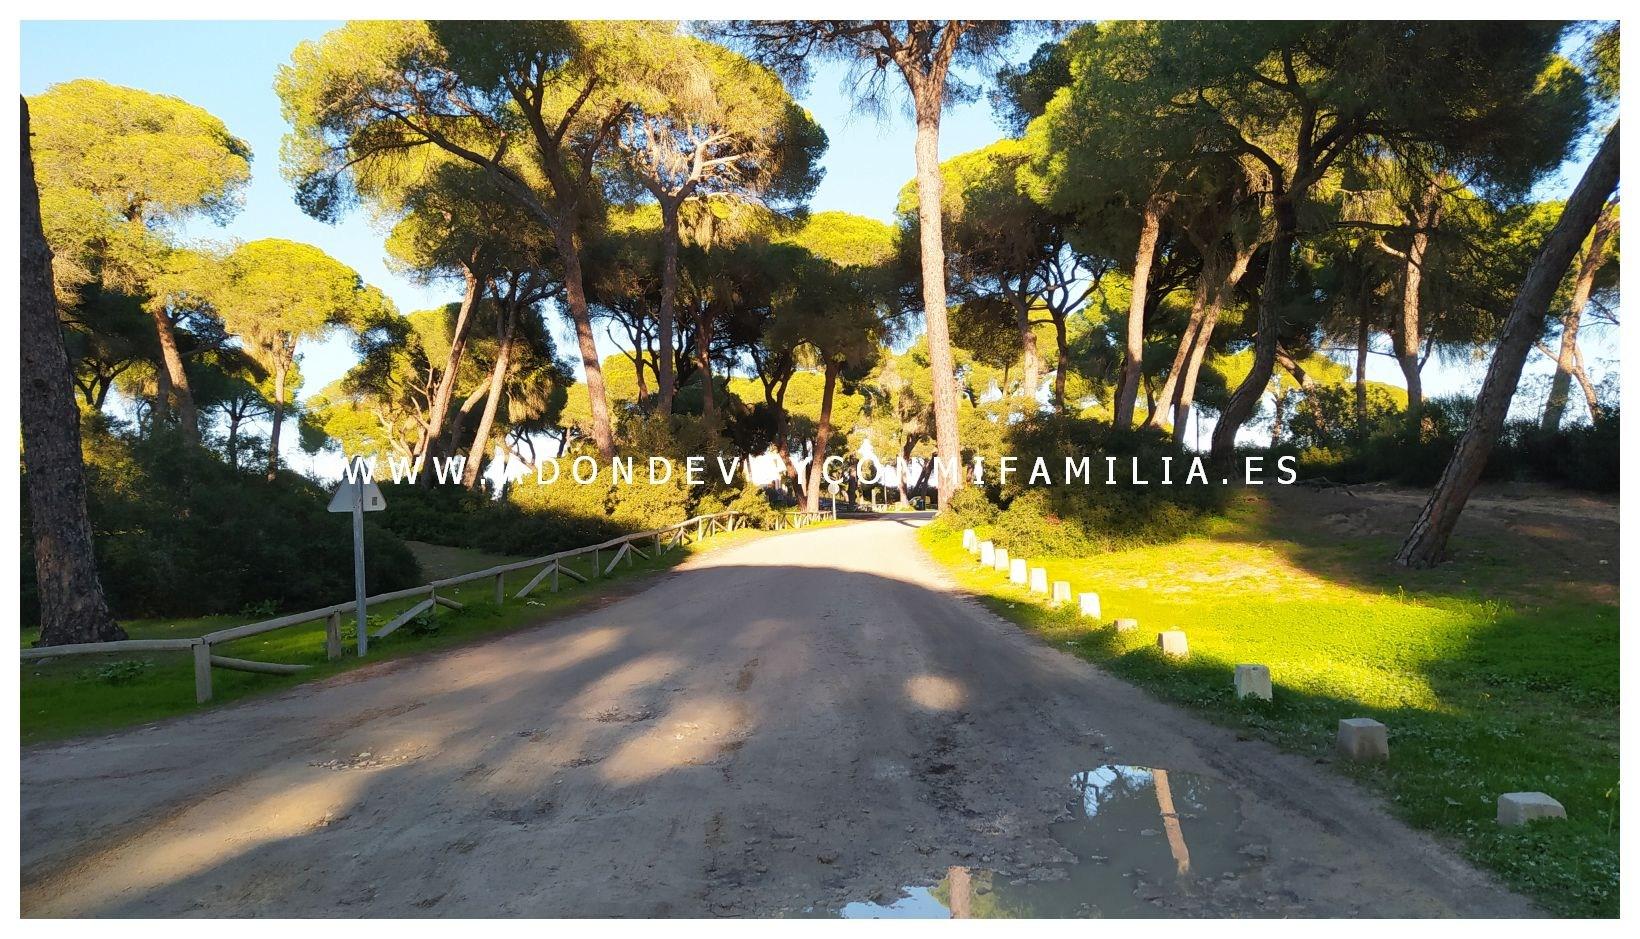 area-recreativa-la-ermita-adondevoyconmifamilia-20